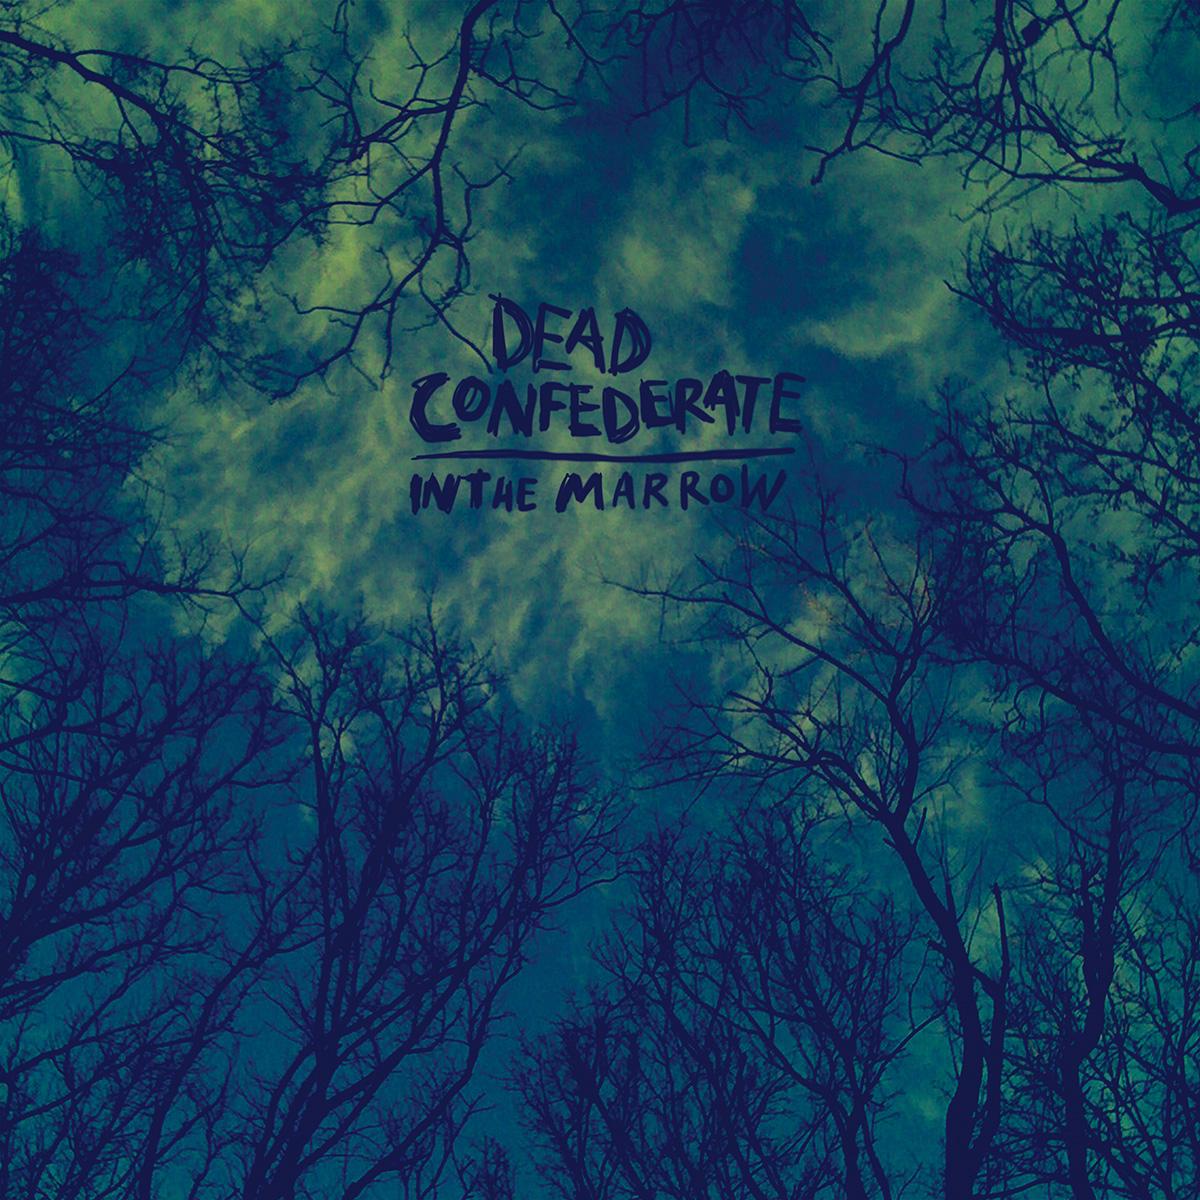 Dead Confederate Announces Third Album, <i>In the Marrow</i>